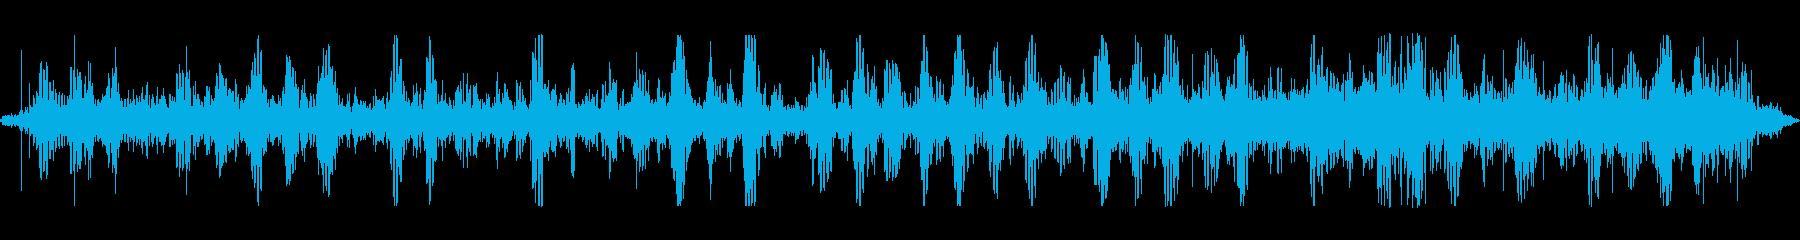 雨の日に歩く音の再生済みの波形